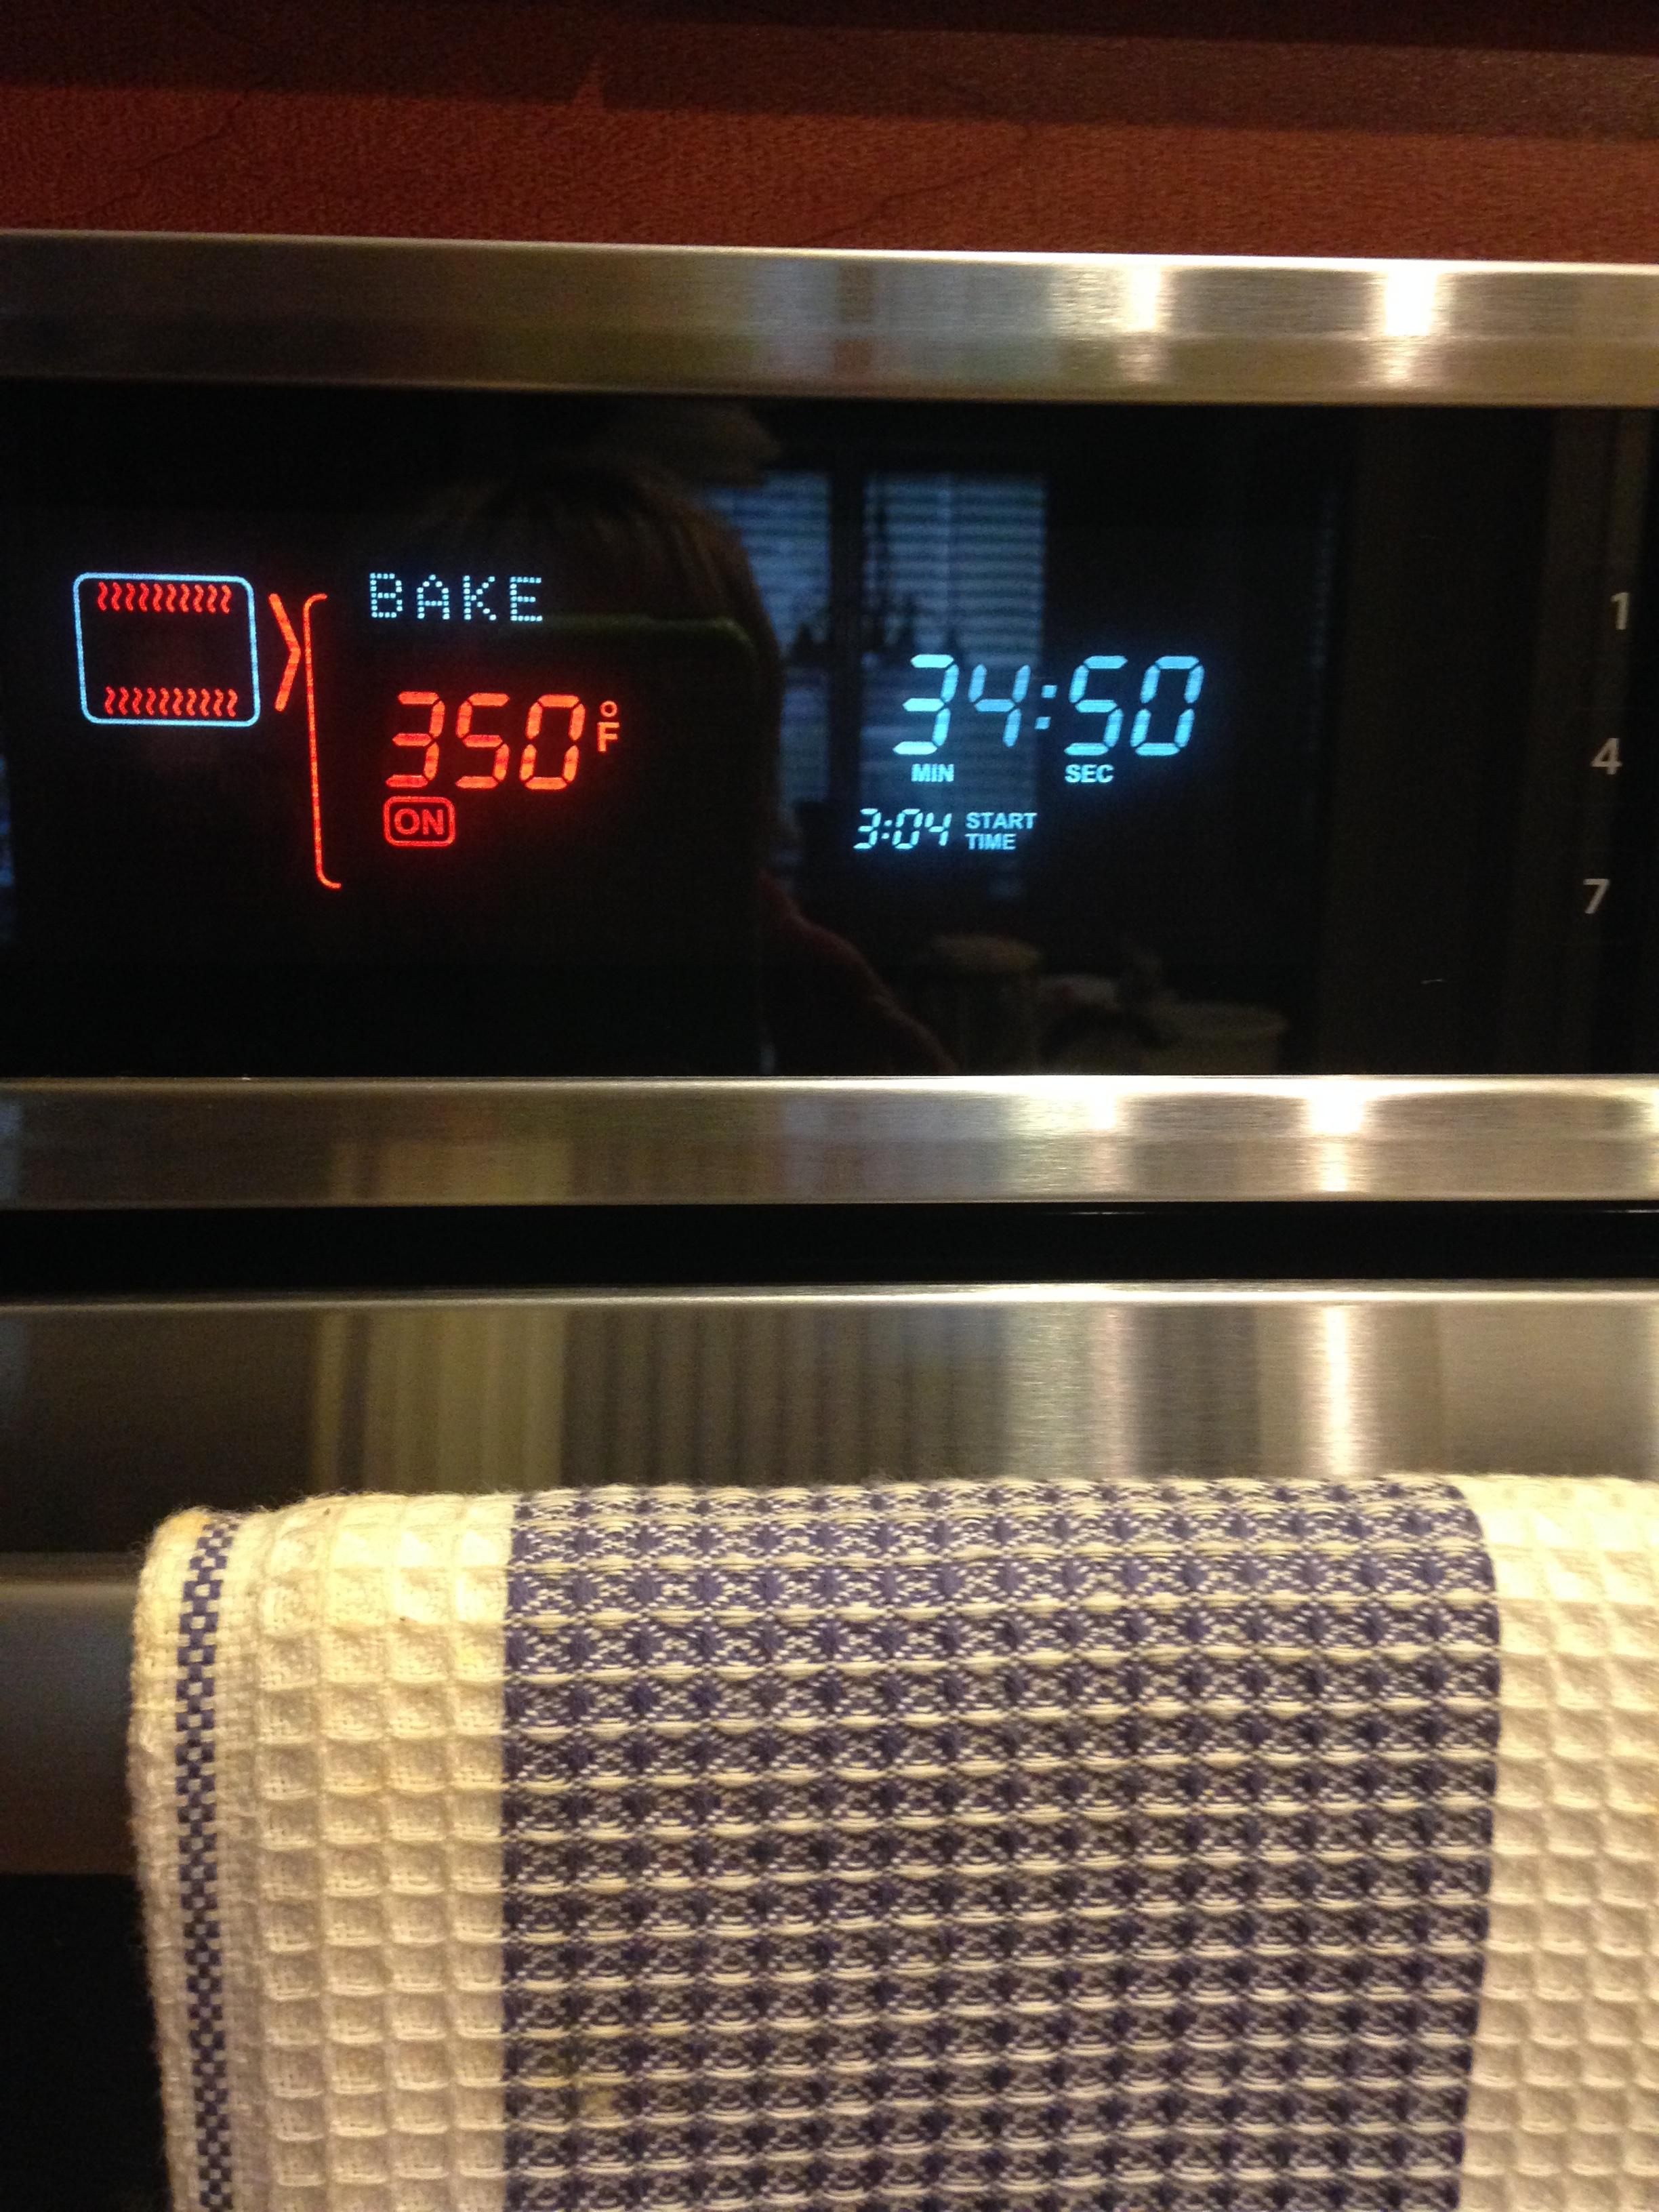 Bake at 350 degrees